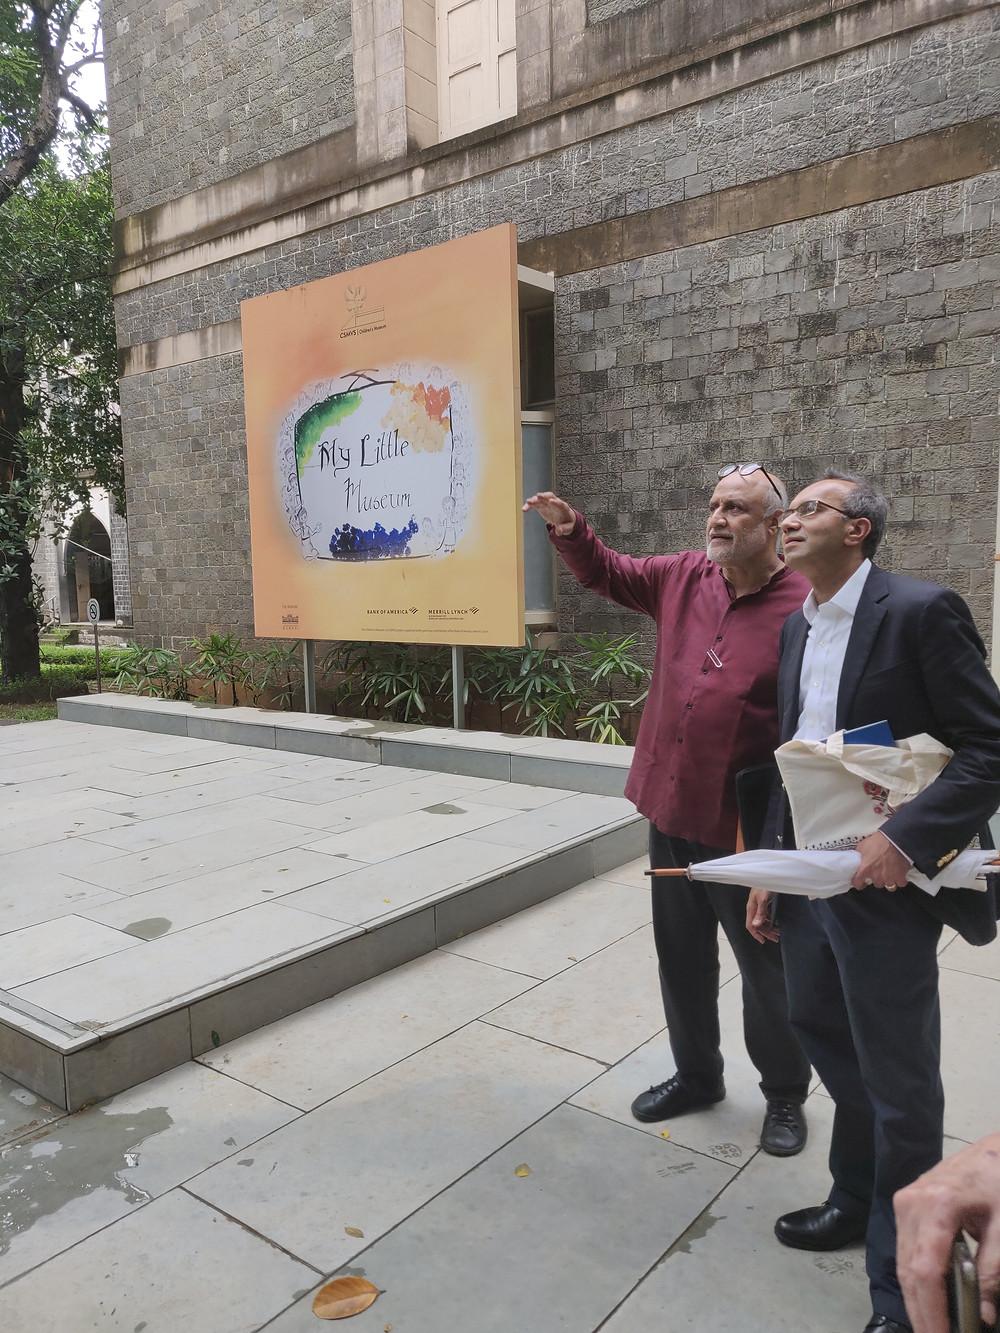 CHILDREN'S MUSEUM AT CSMVS, MUMBAI